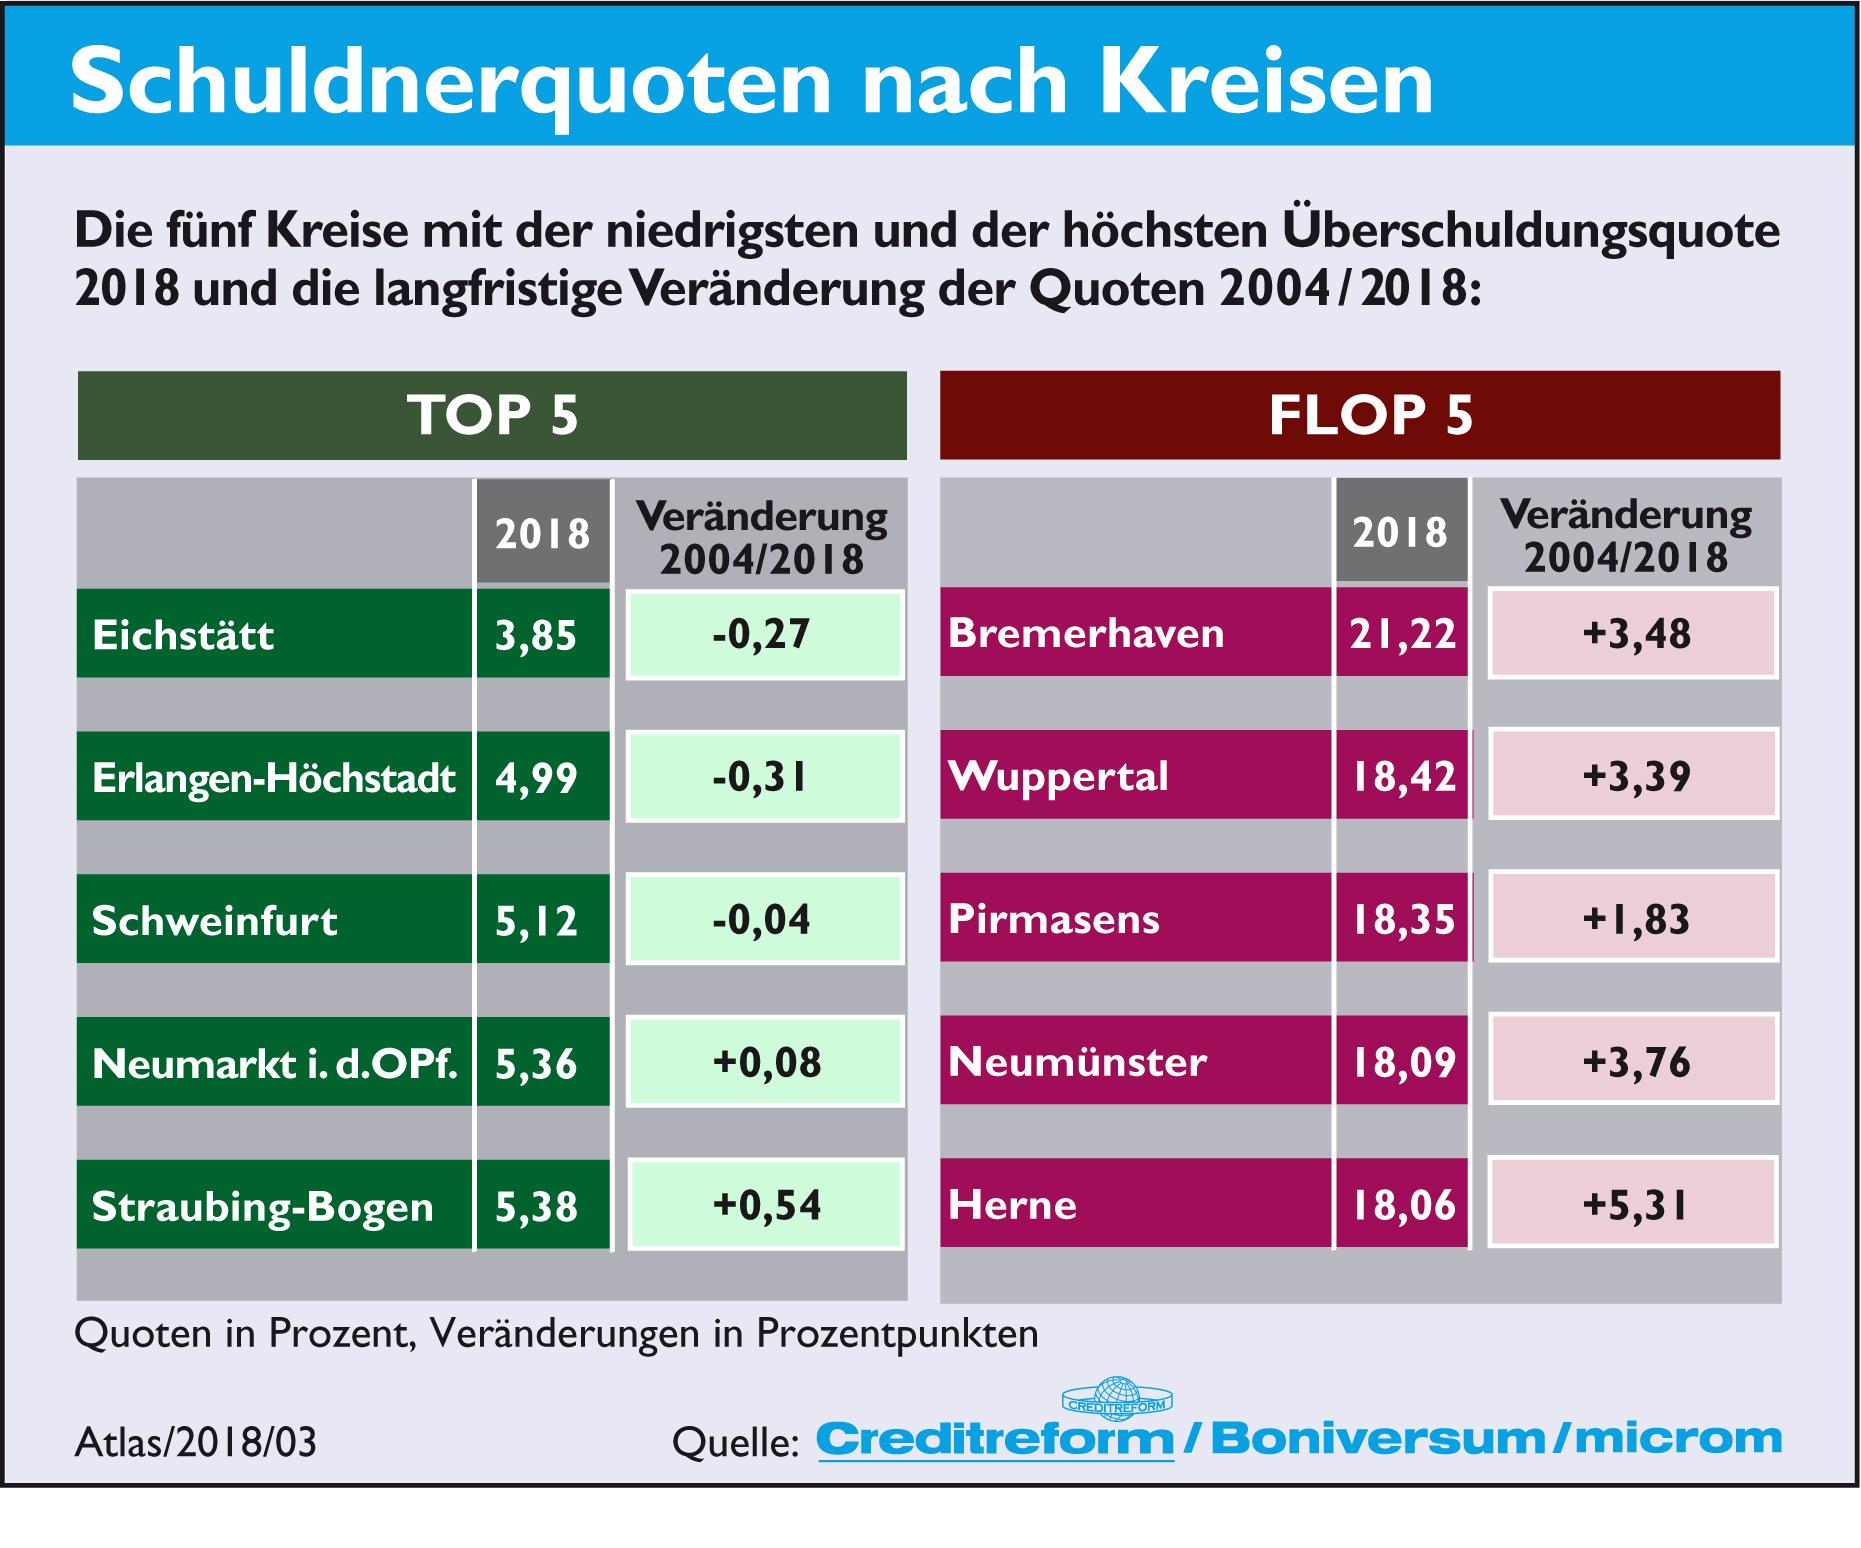 3. Schuldnerquoten nach Kreisen 350dpi